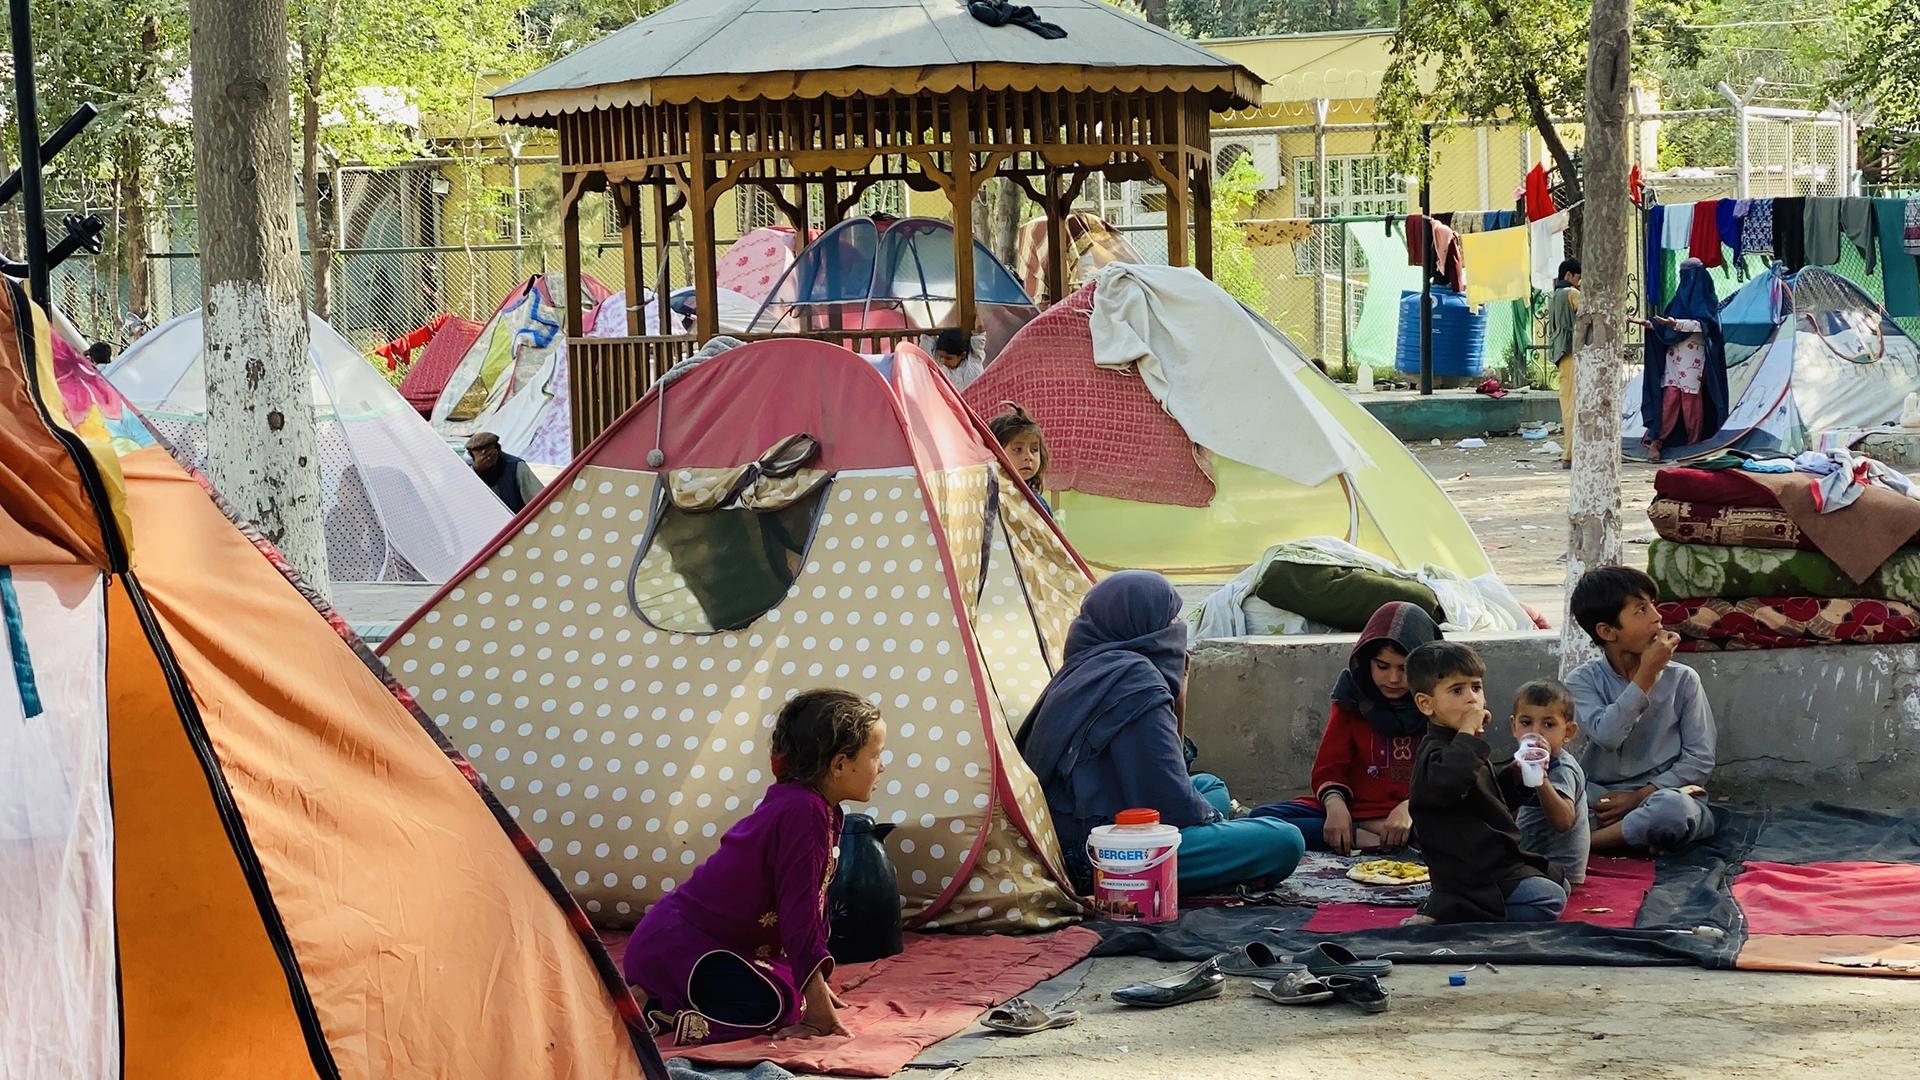 Afganistán entrará en verdadera crisis cuando terminen las evacuaciones, advierte ONU